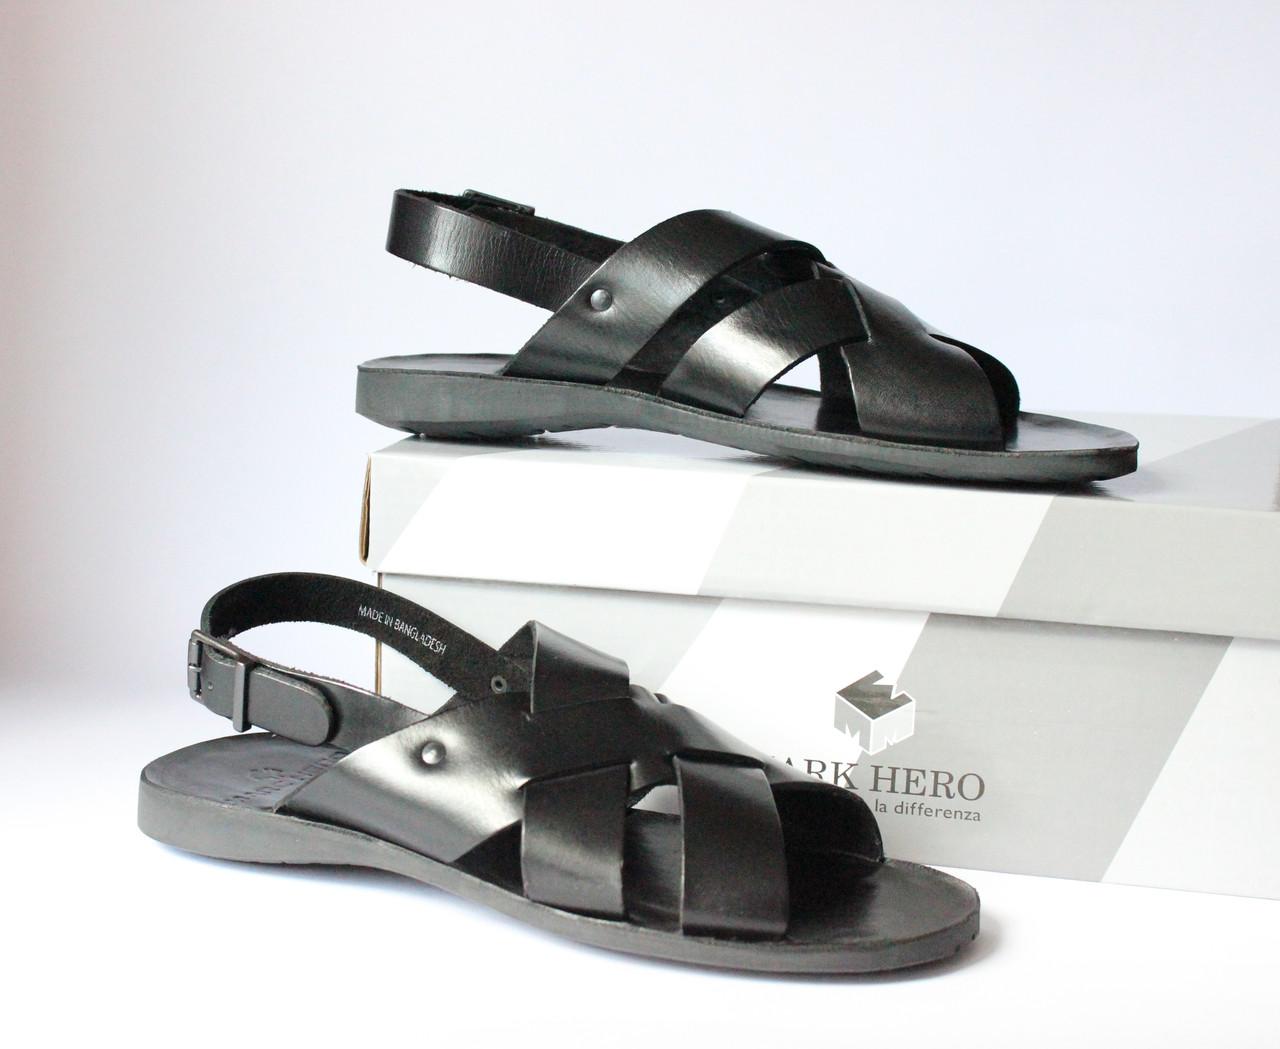 Шикарные кожаные сандалии-босоножки Mark Hero, Италия-Оригинал